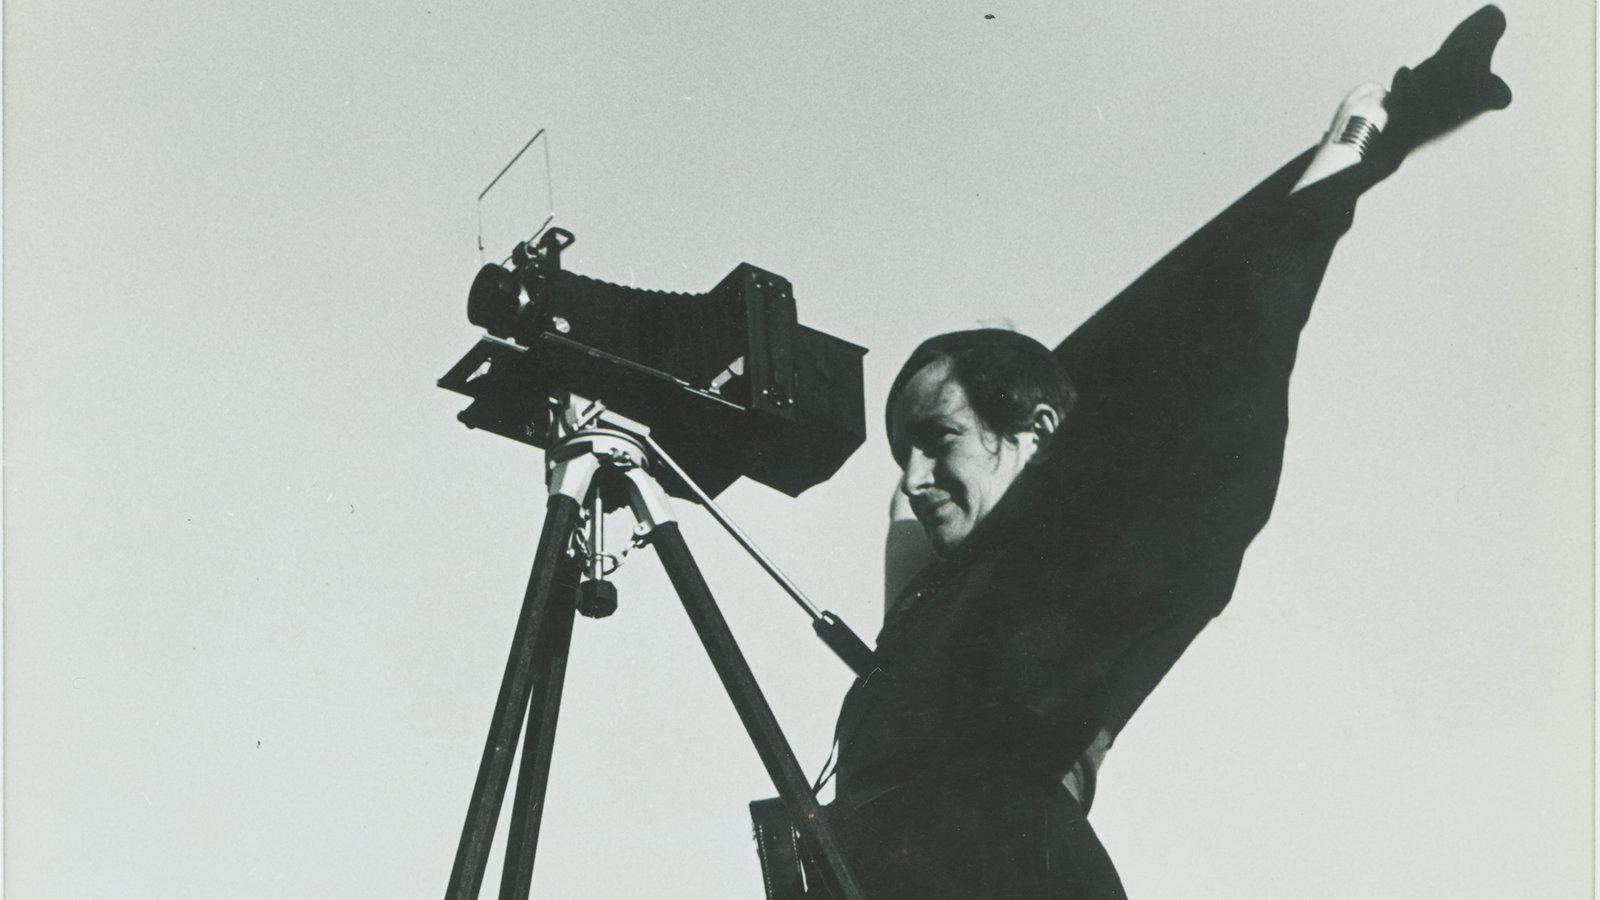 Dorothea Lange - Grab a Hunk of Lightning